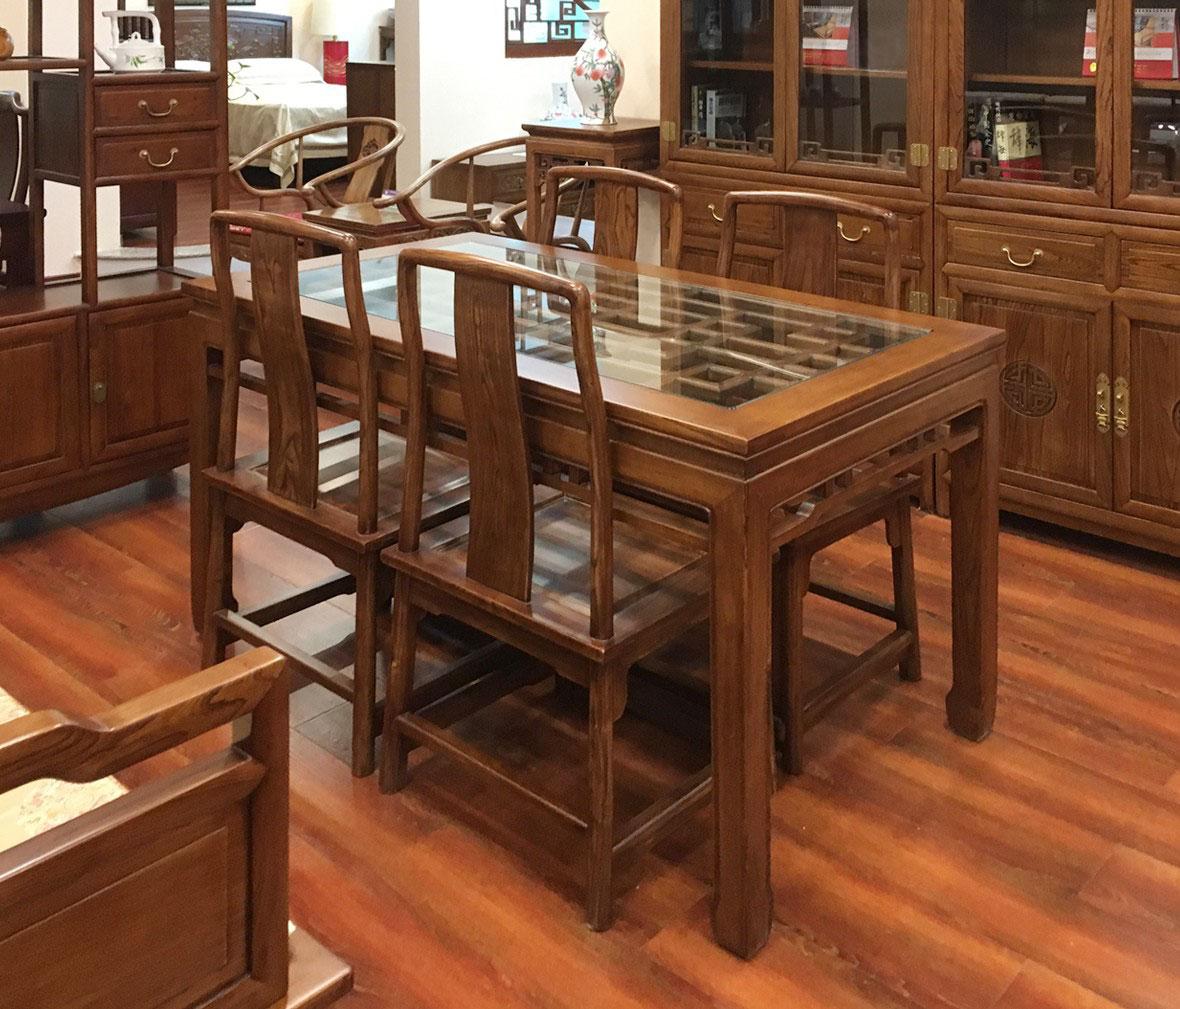 联邦家居 j2557型号餐椅 山毛榉材质 现代中式风格 实木家具